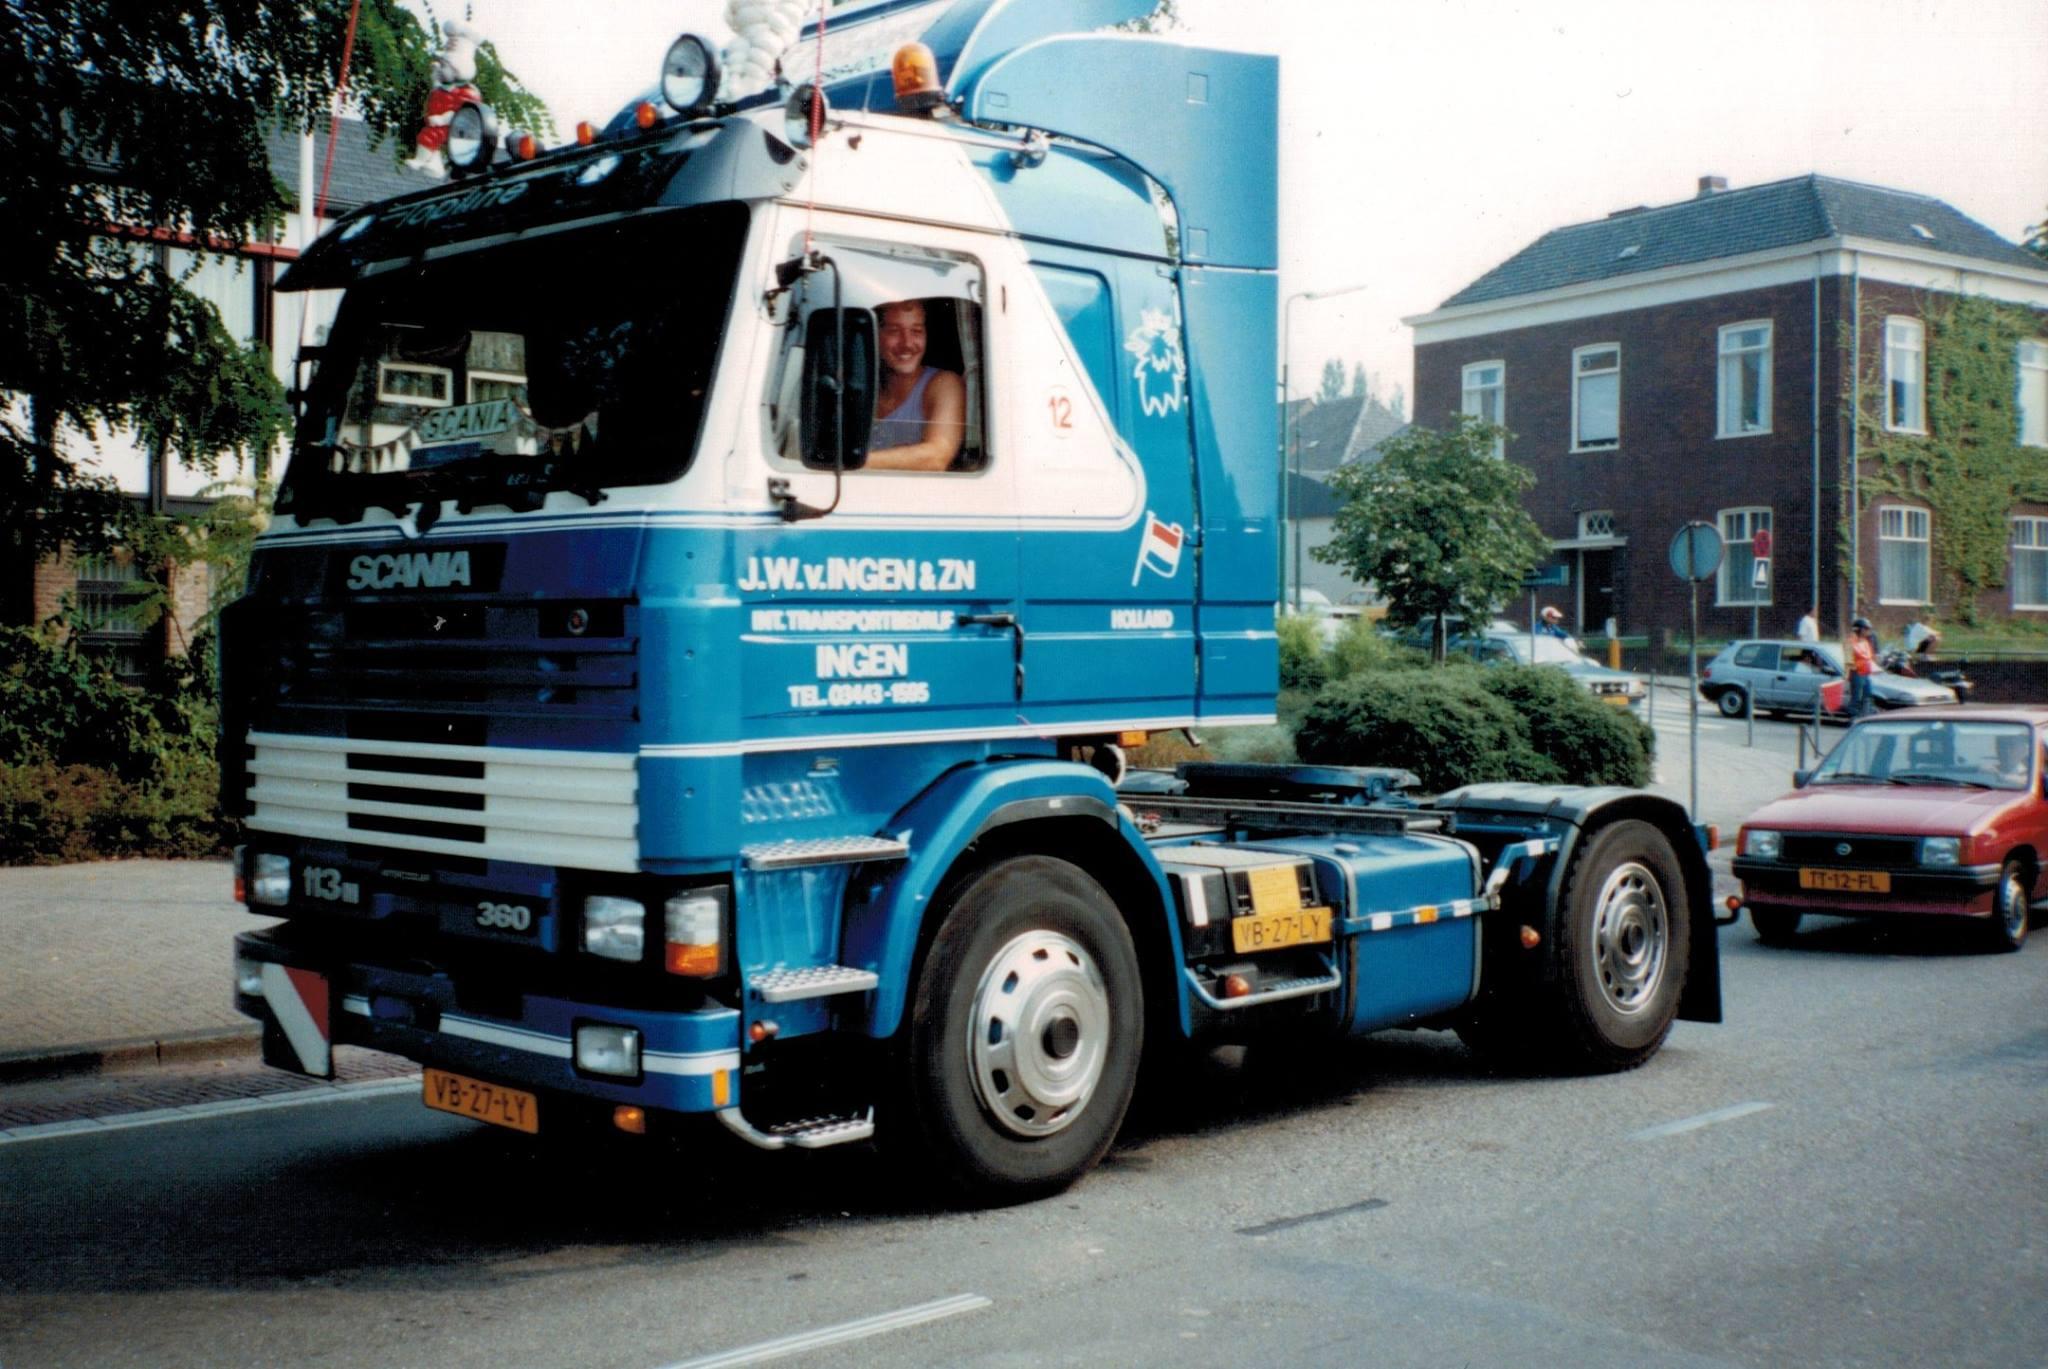 0-Scania-VB-27-LY-Gerard-van-Ingen